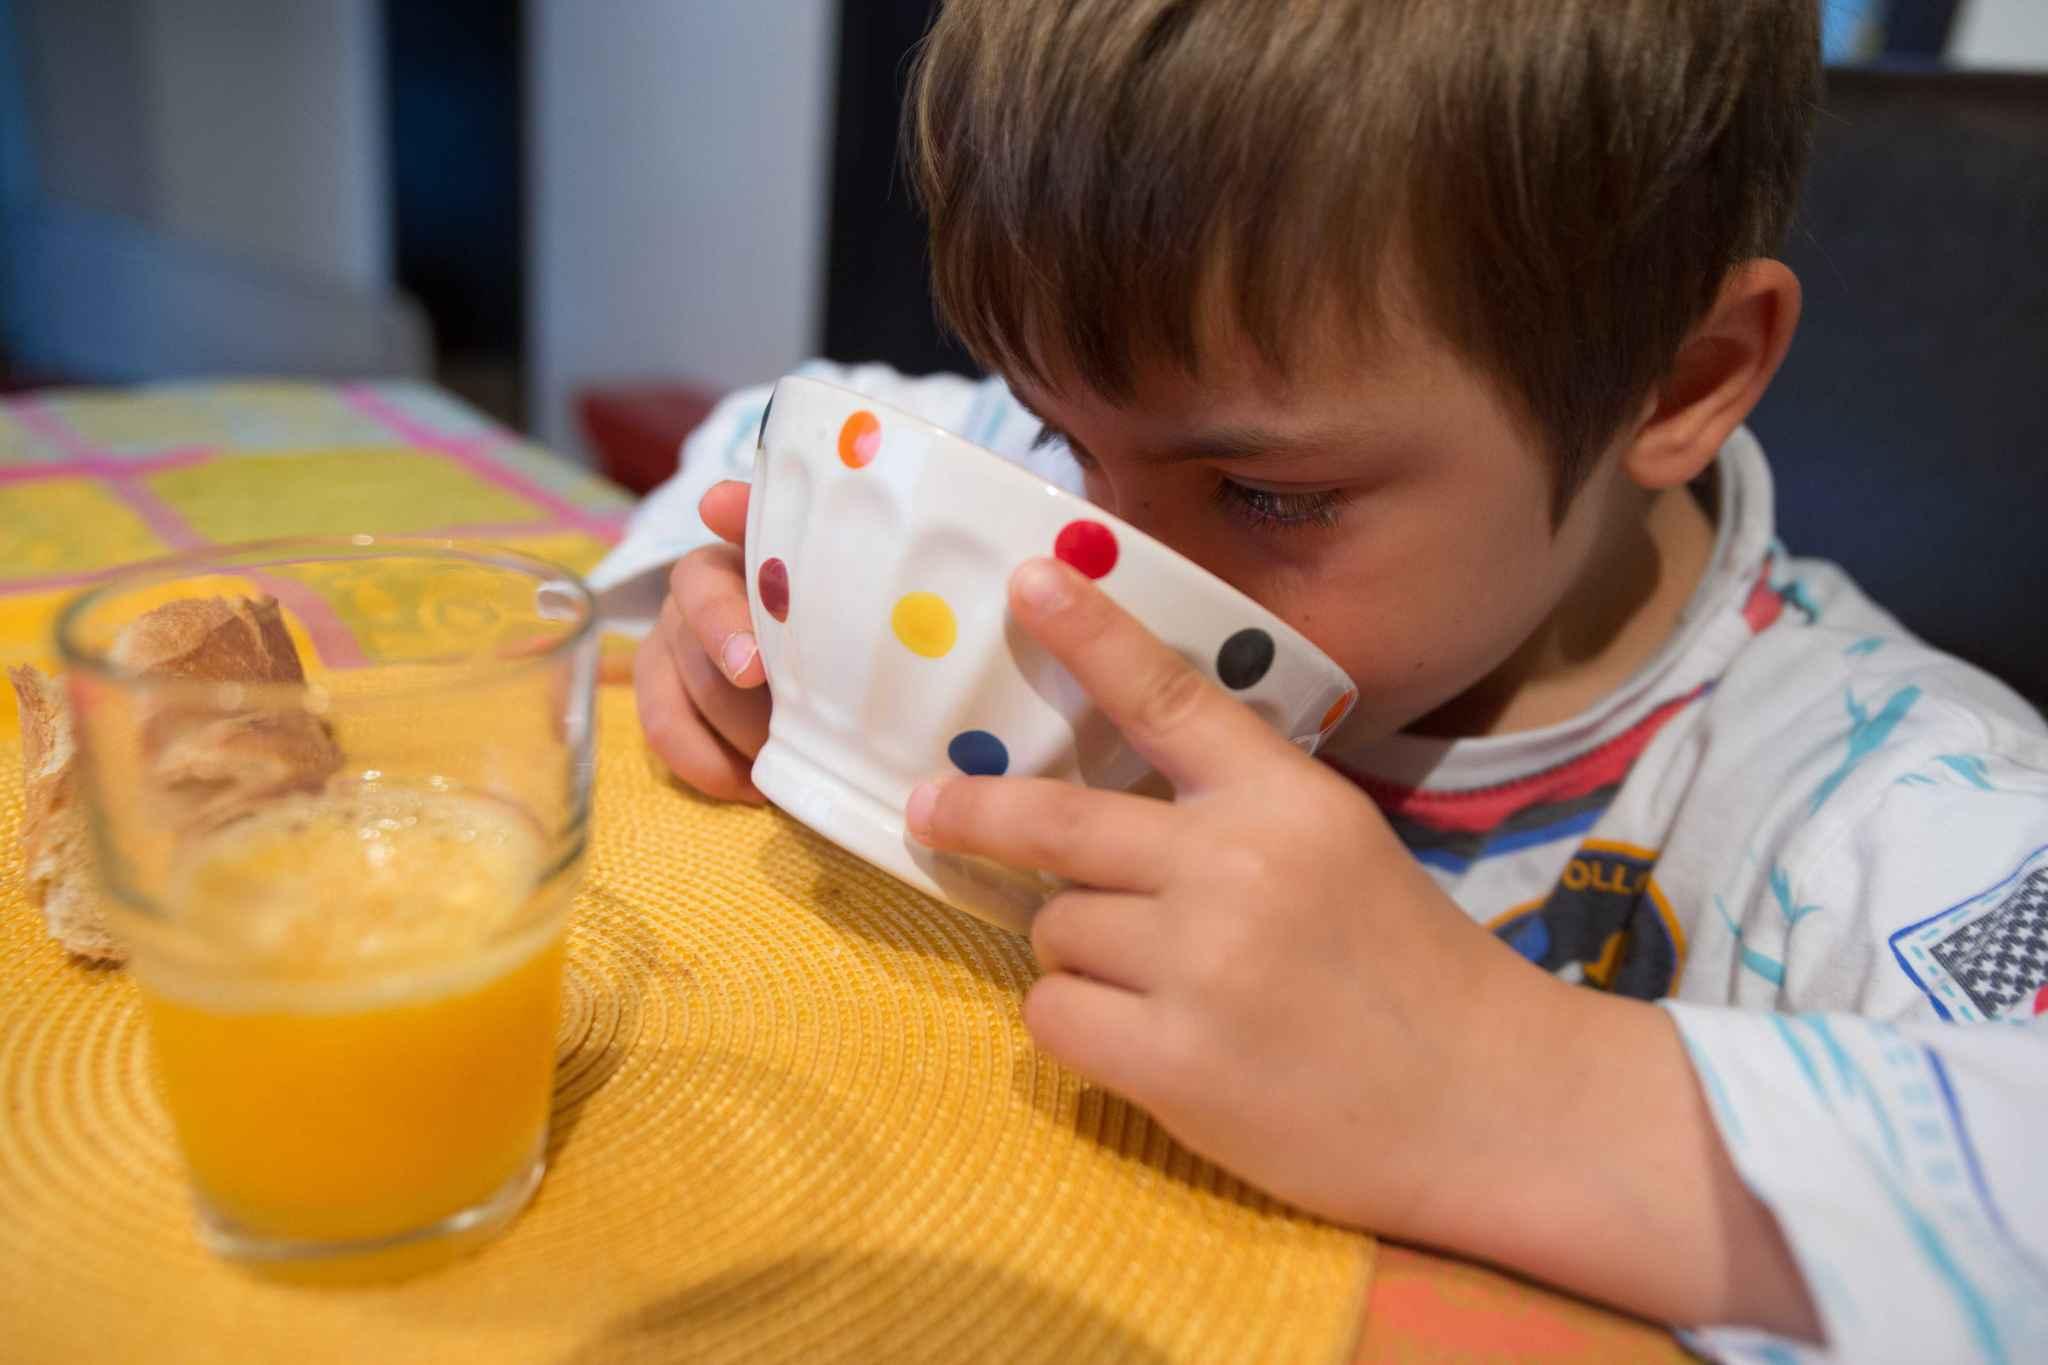 Alimentation Sauter Le Petit D Jeuner Fait Perdre Deux Heures D 39 Apprentissage Par Jour